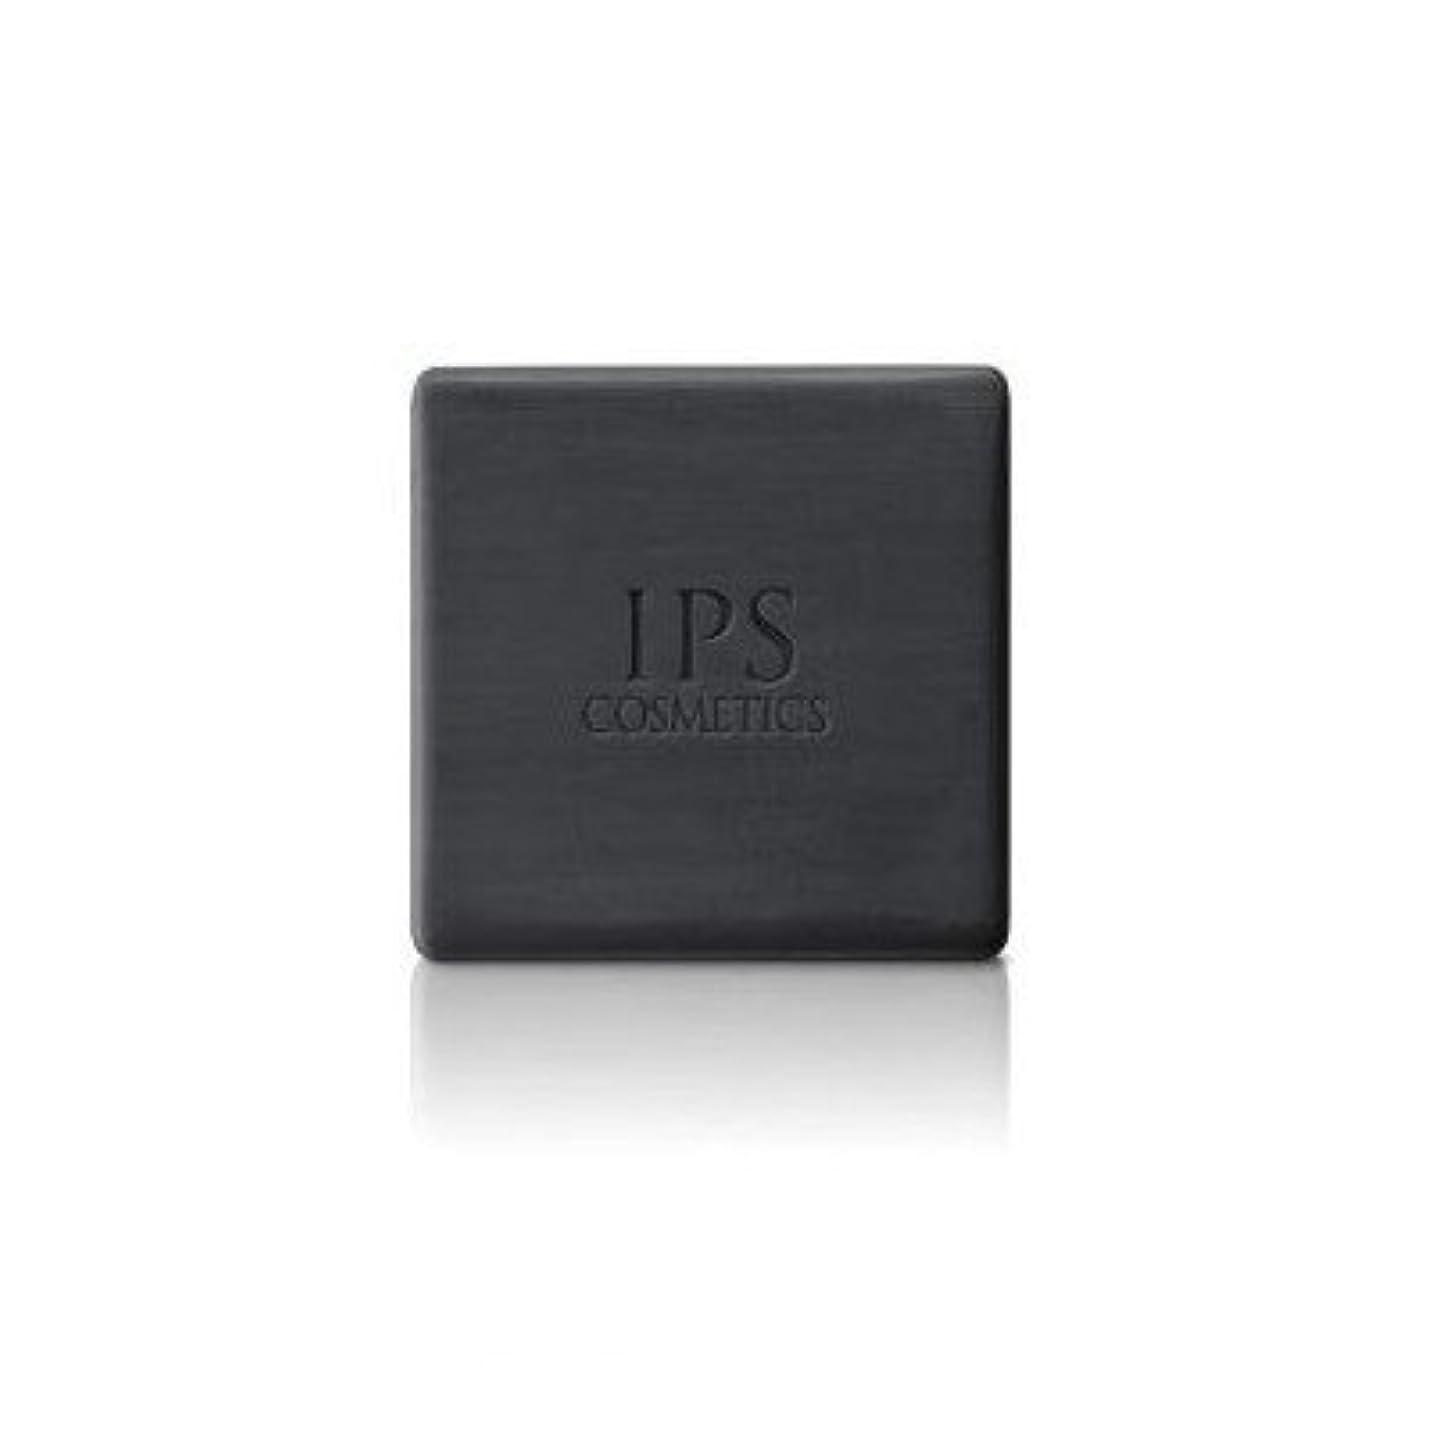 多様な多年生肌IPS コンディショニングバー 洗顔石鹸 120g